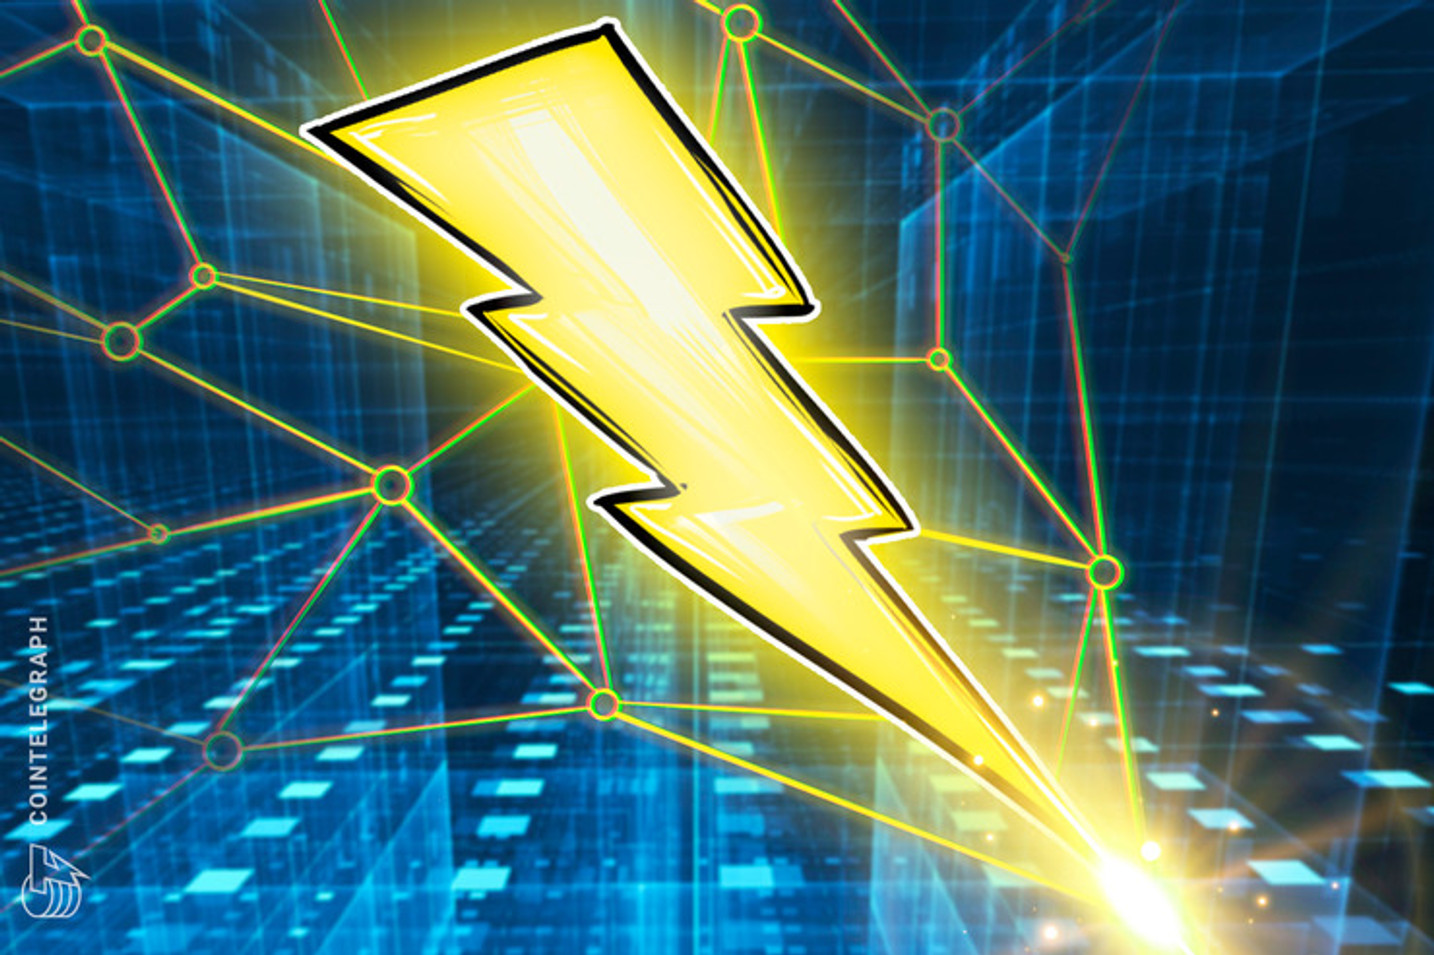 IBERDROLA y ACCIONA dos gigantes de la energía se suman al uso de la  tecnología Blockchain en su area de negocios